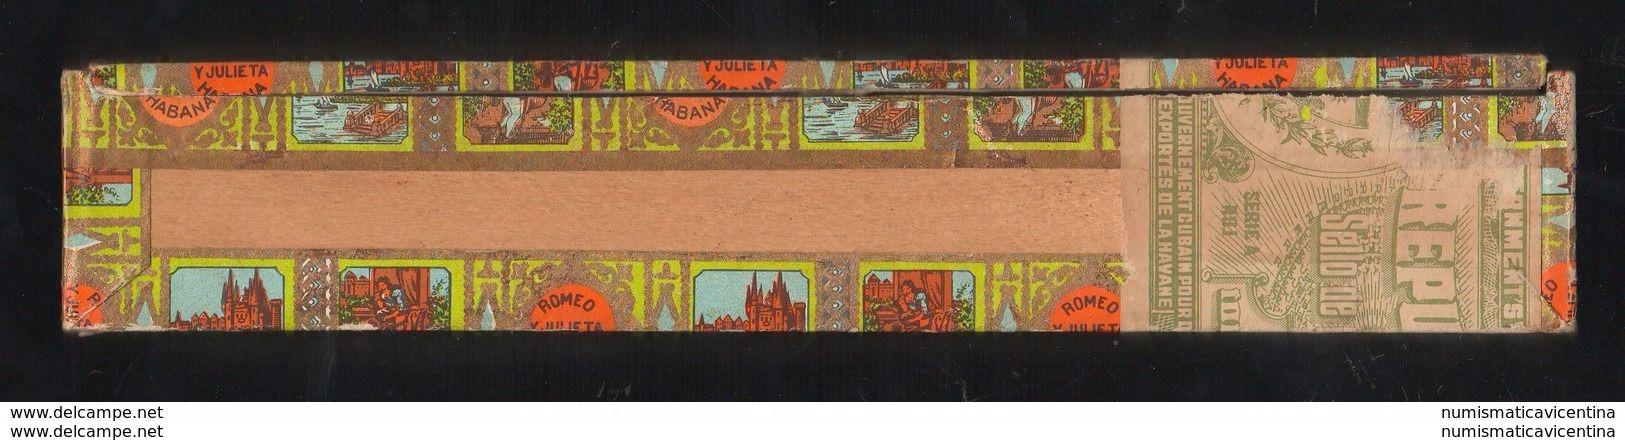 Sigari Cigars Havana ROMEO Y JULIETA Cuba Box Scatola Legno Tobacco Tabac Tabacco Cigares - Contenitori Di Tabacco (vuoti)